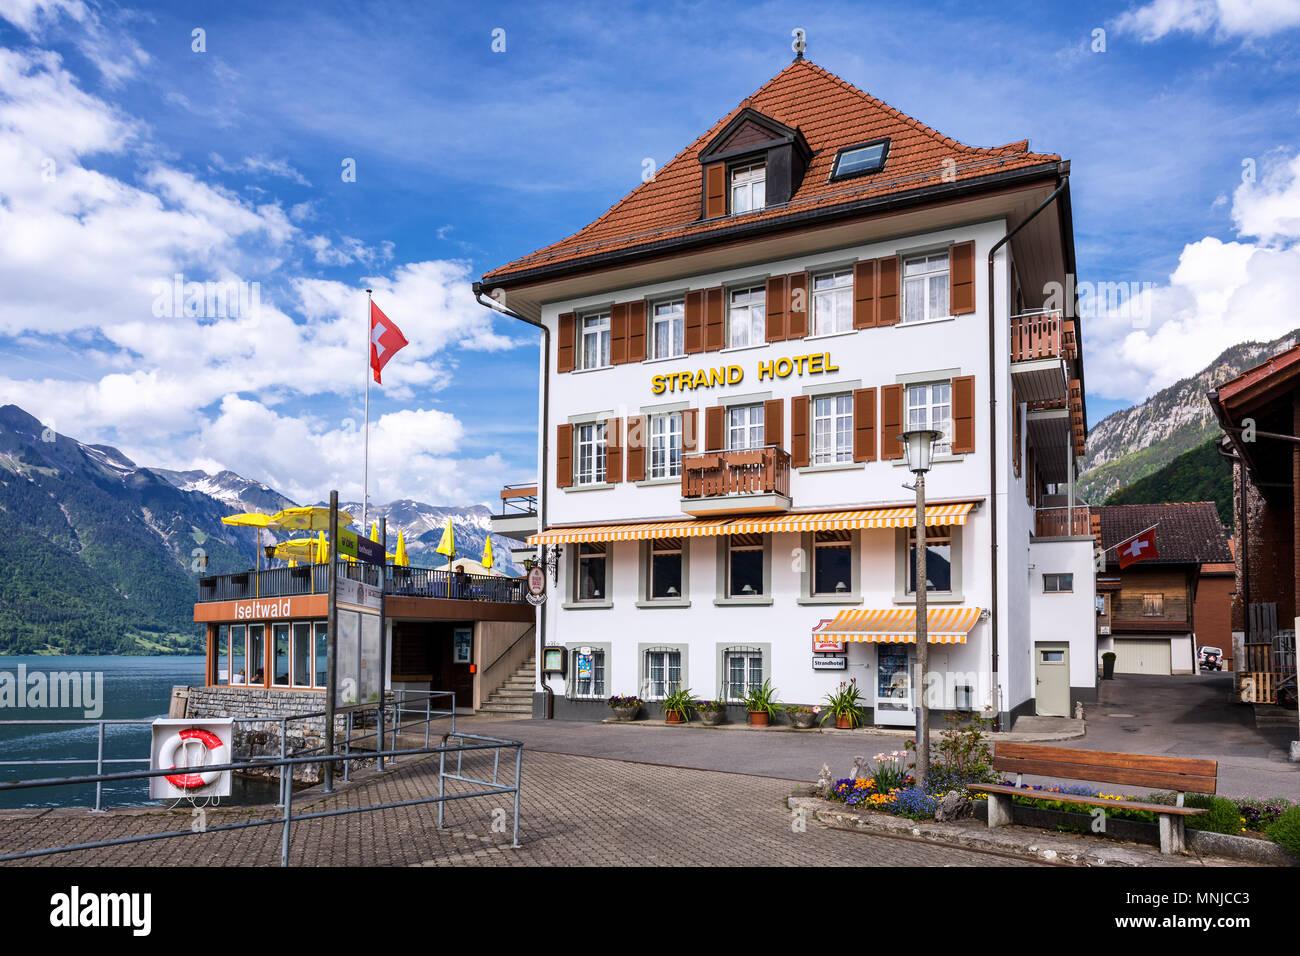 Strand Hotel, Iseltwald, Bernese Oberland, Switzerland - Stock Image